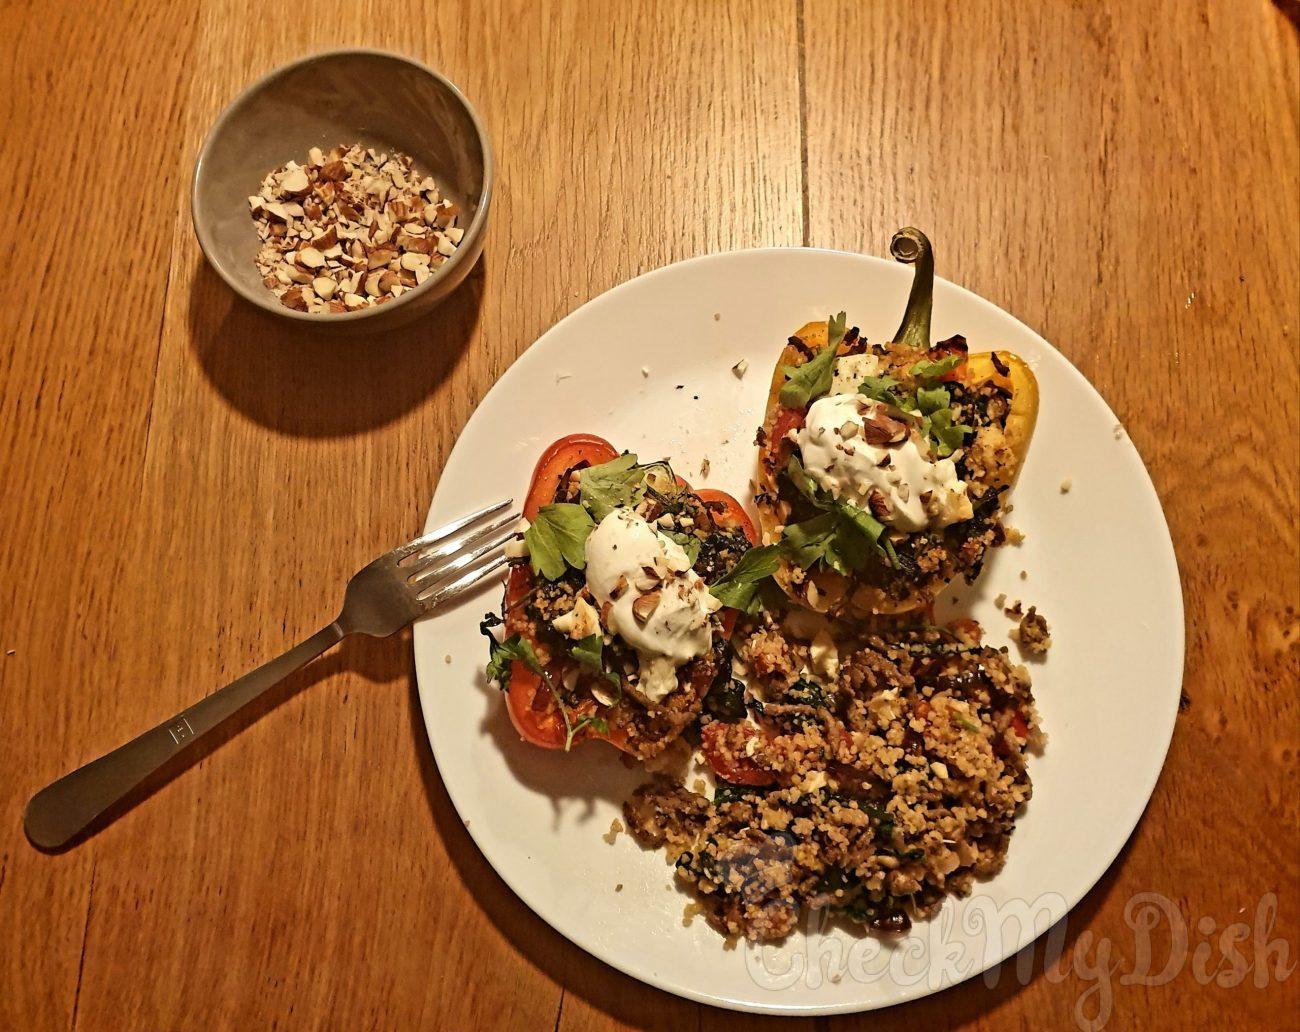 Gevulde paprika met couscous, gehakt en feta